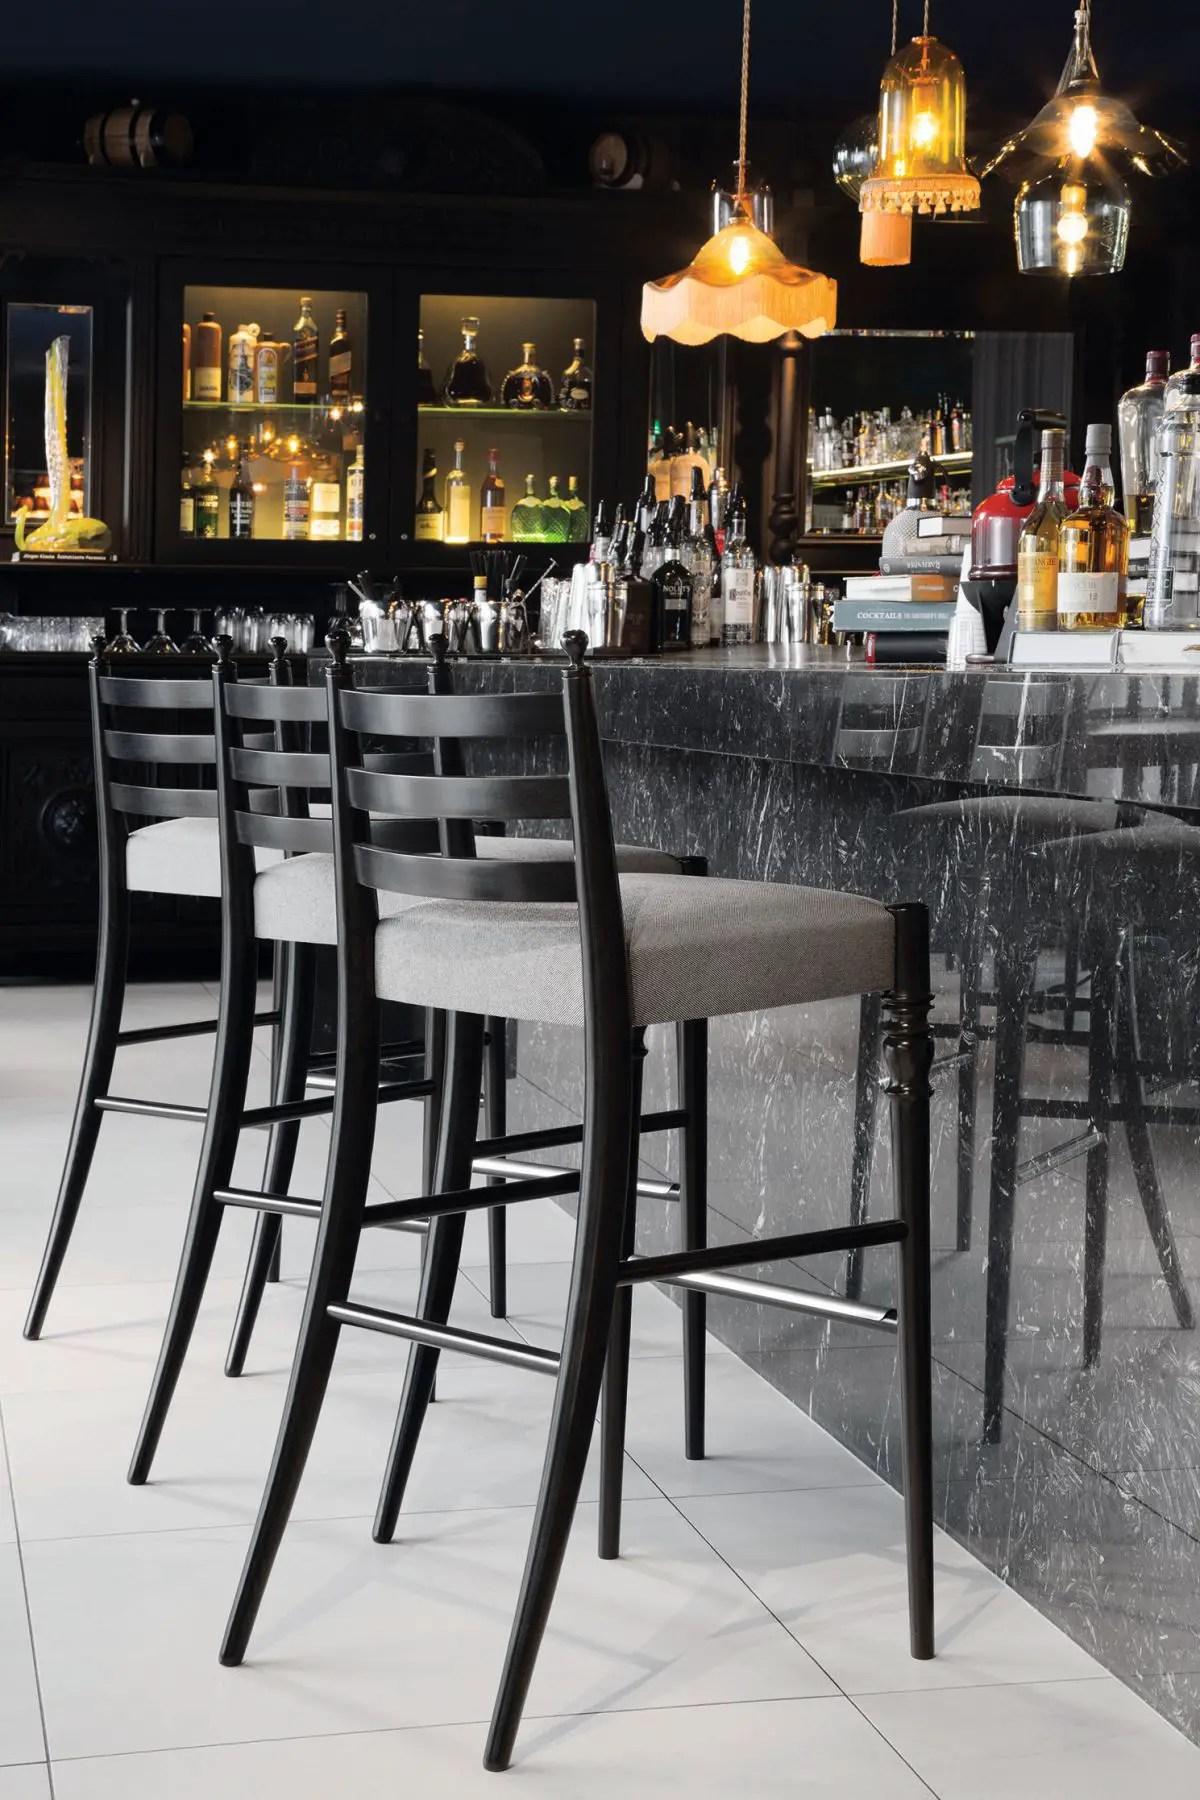 Tabourets de bar noir et blanc: comment les choisir et les ... on Modern:0Bjn4Cem9Be= Kitchen Counter  id=99895